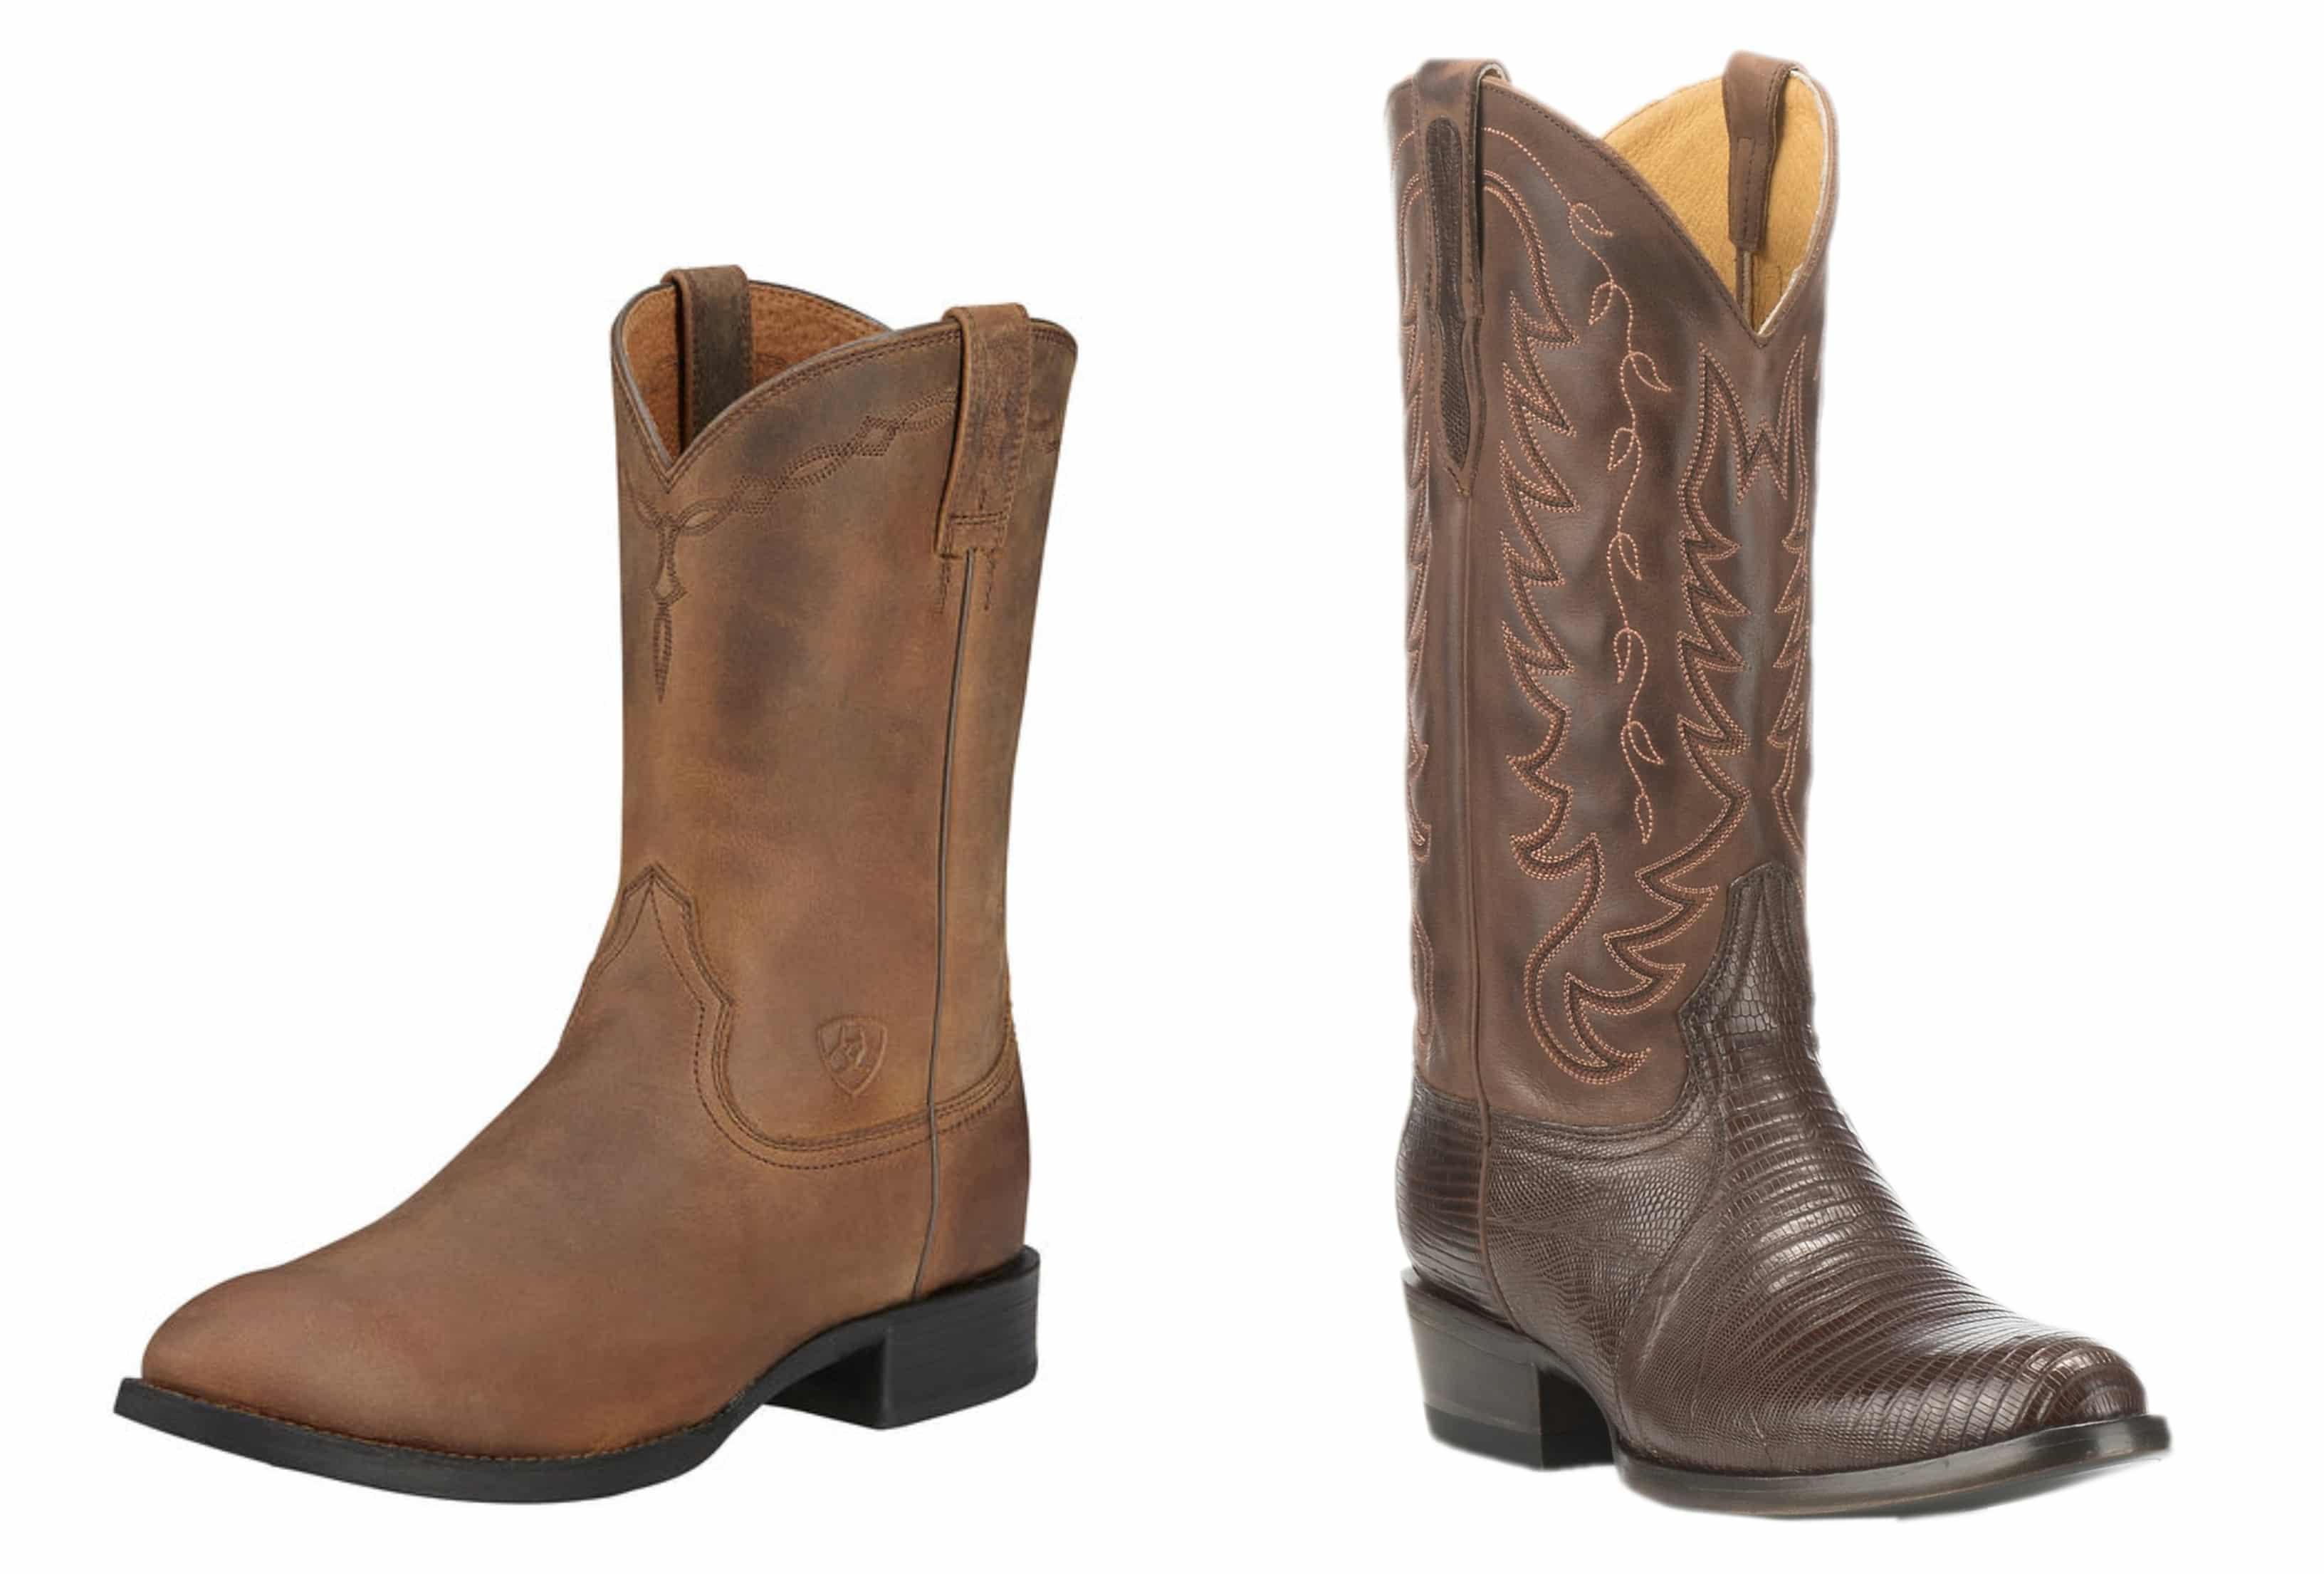 roper cowboy boots traditional cowboy boots